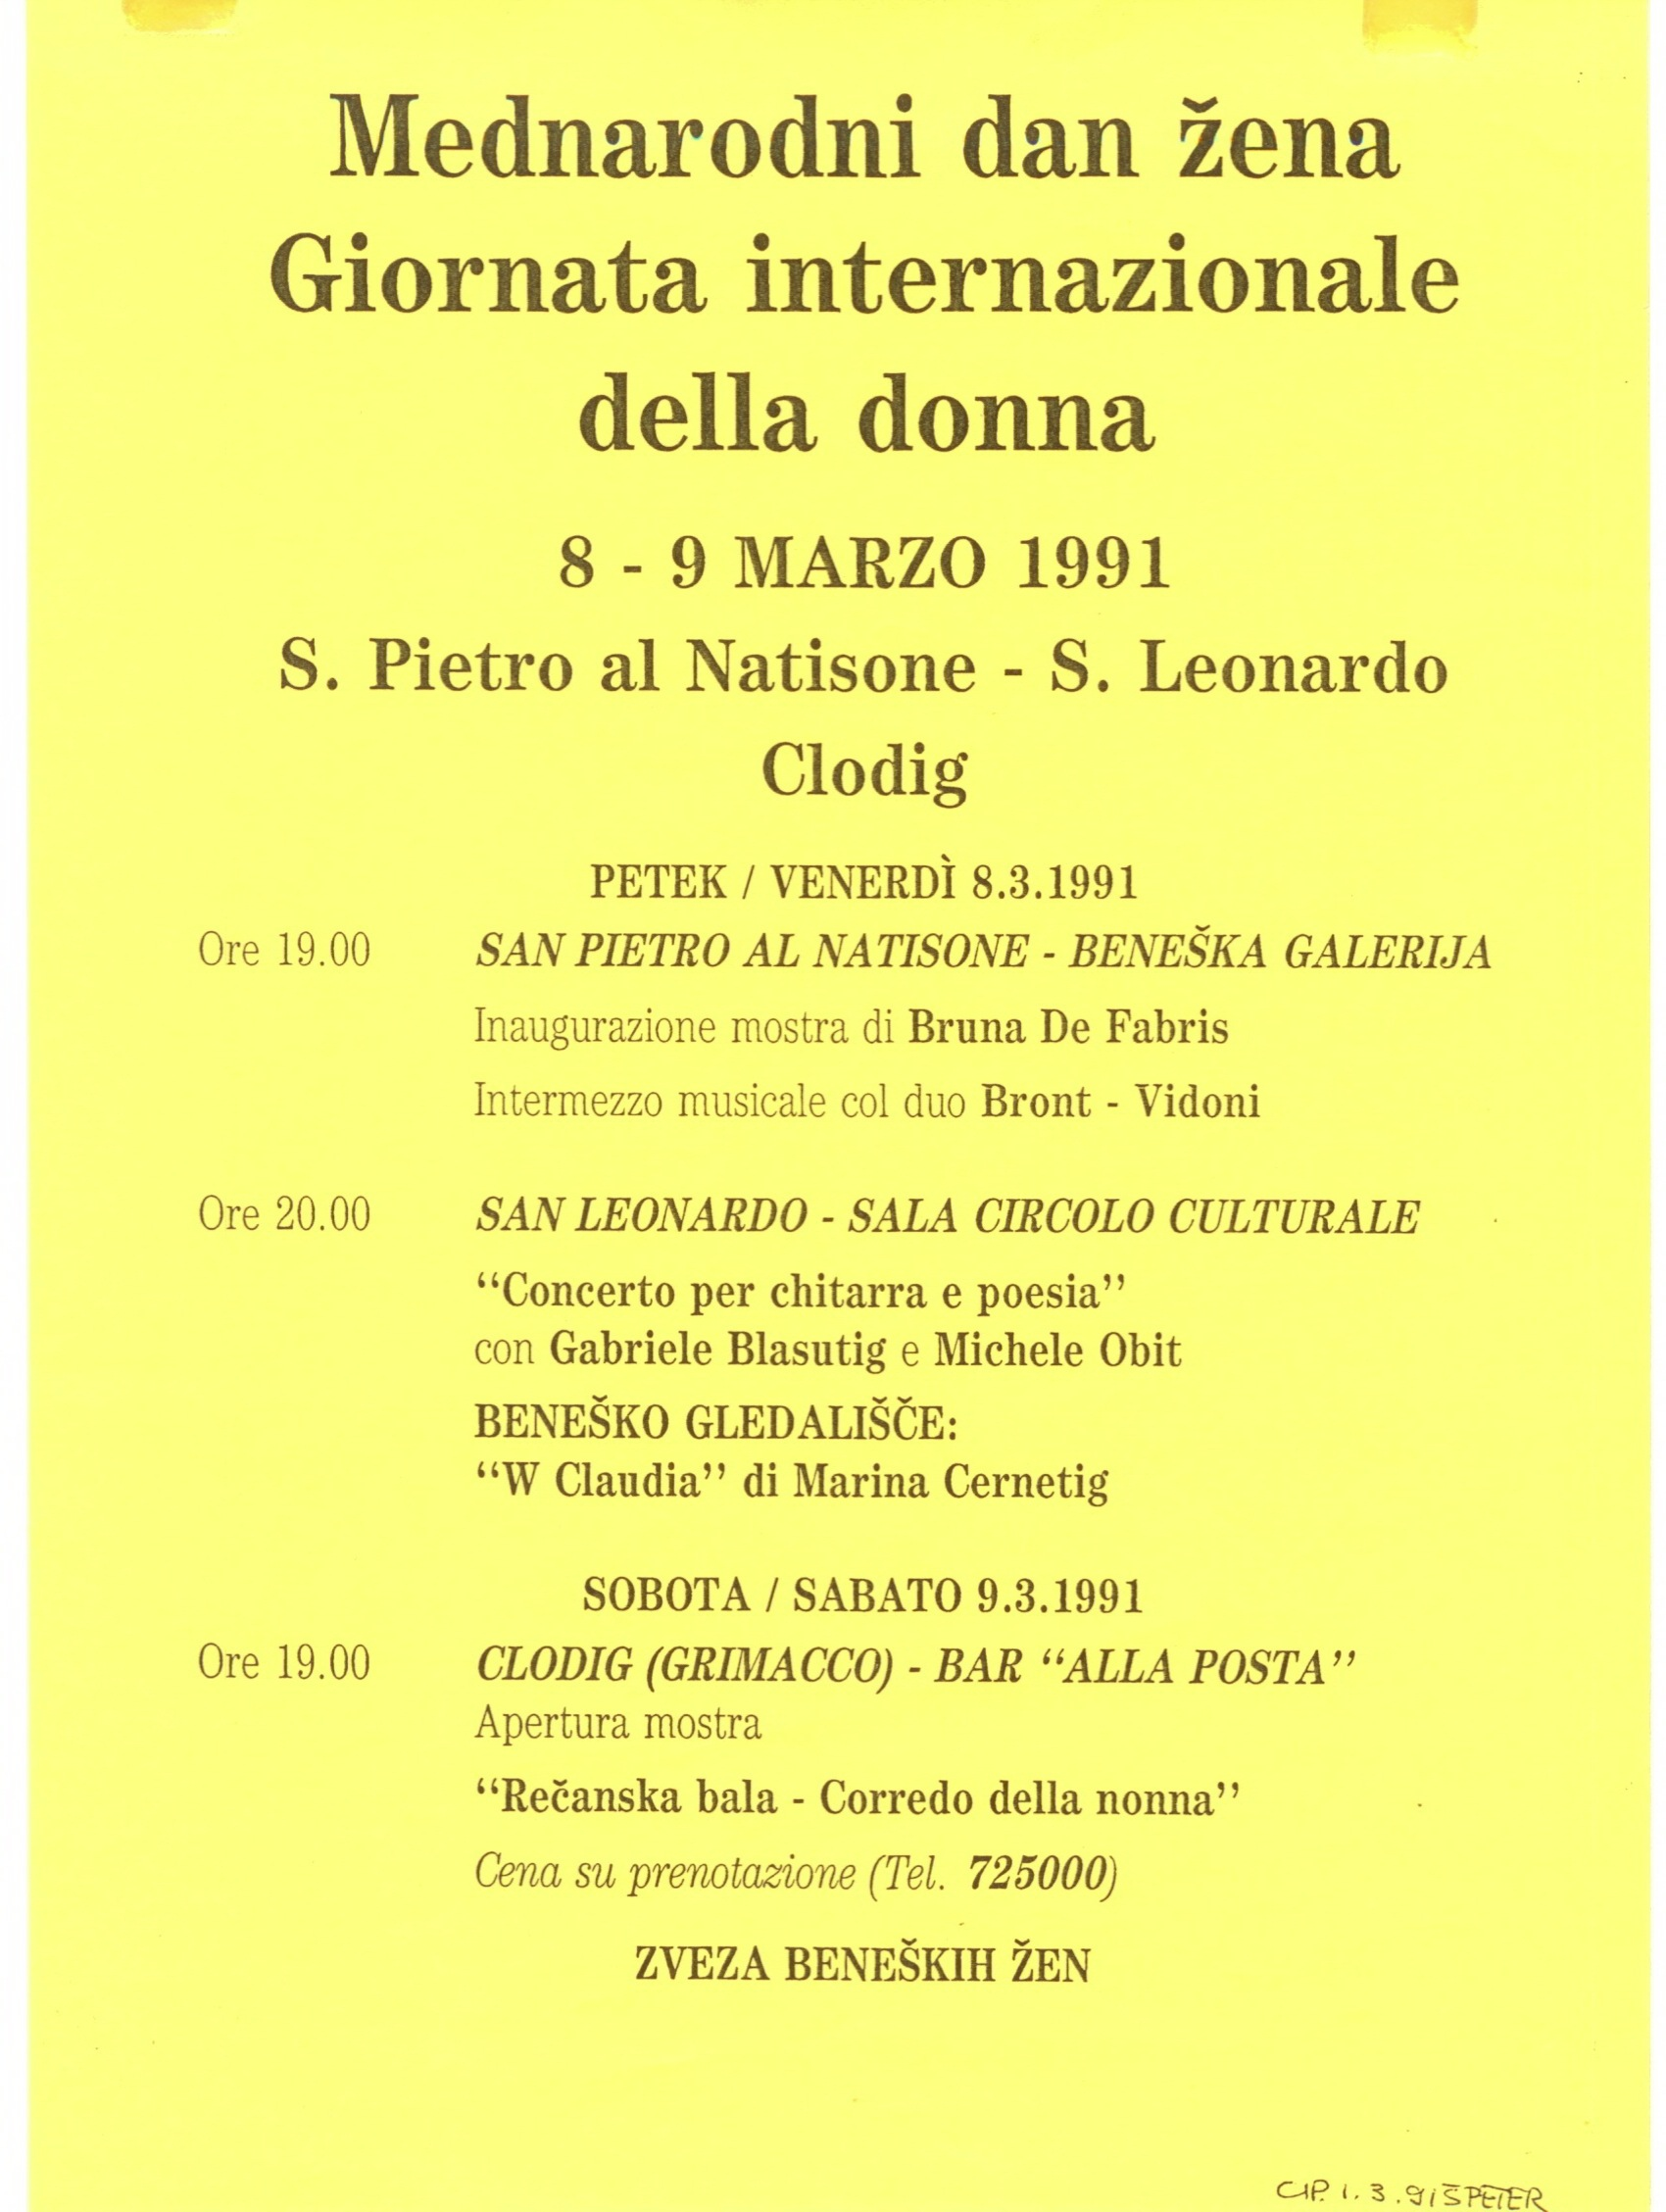 1991 - W Claudia! - Manifesto